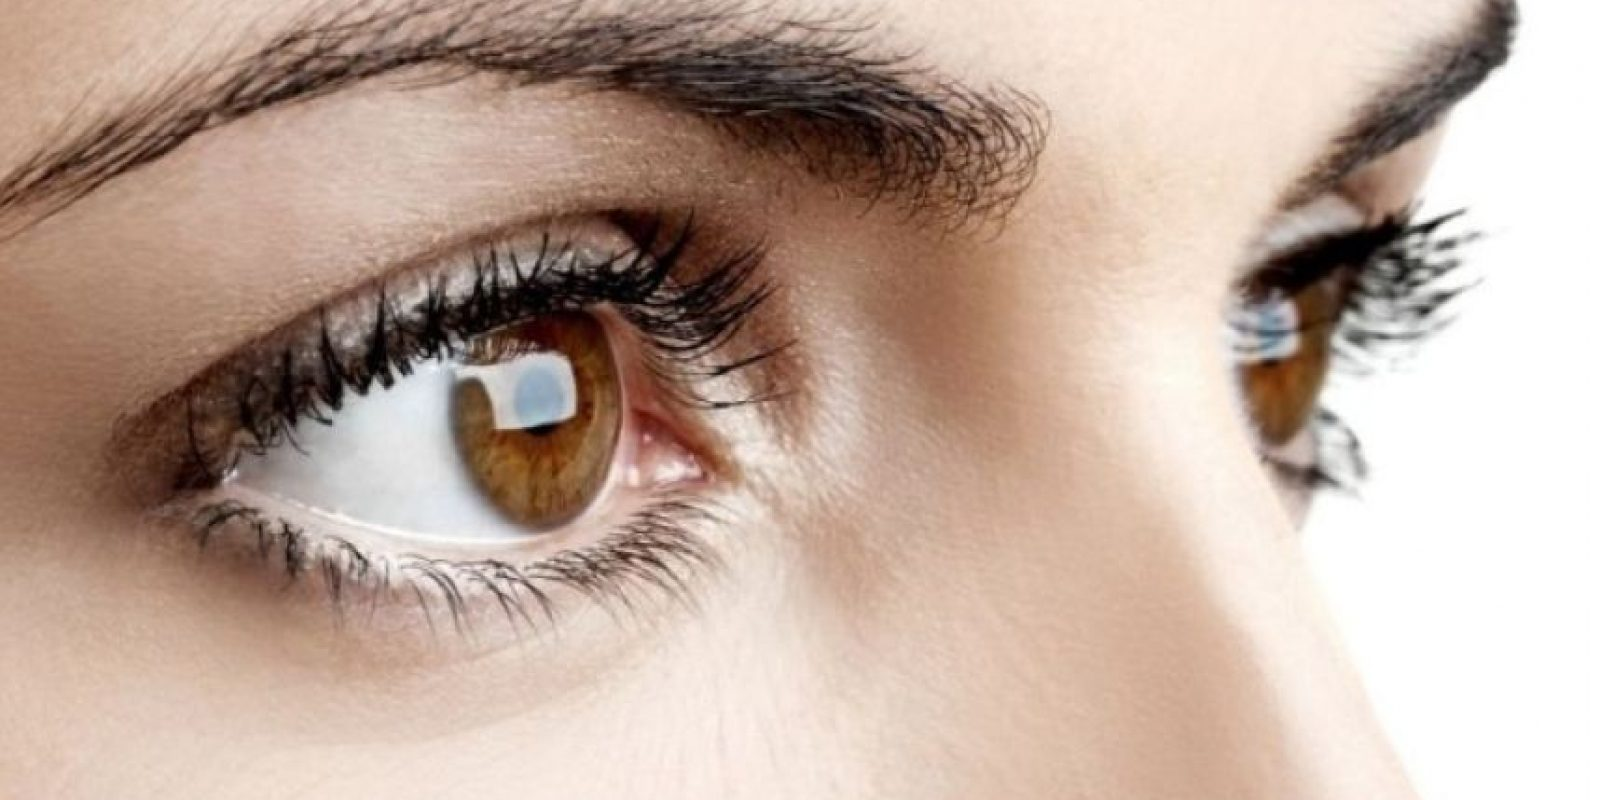 Es aconsejable acudir a un médico, ya que puede resultar una condición grave como la conjuntivitis, y glaucoma. Aunque también hay otras explicaciones, menos graves a menudo provocadas por su vida diaria. Foto:Tumblr